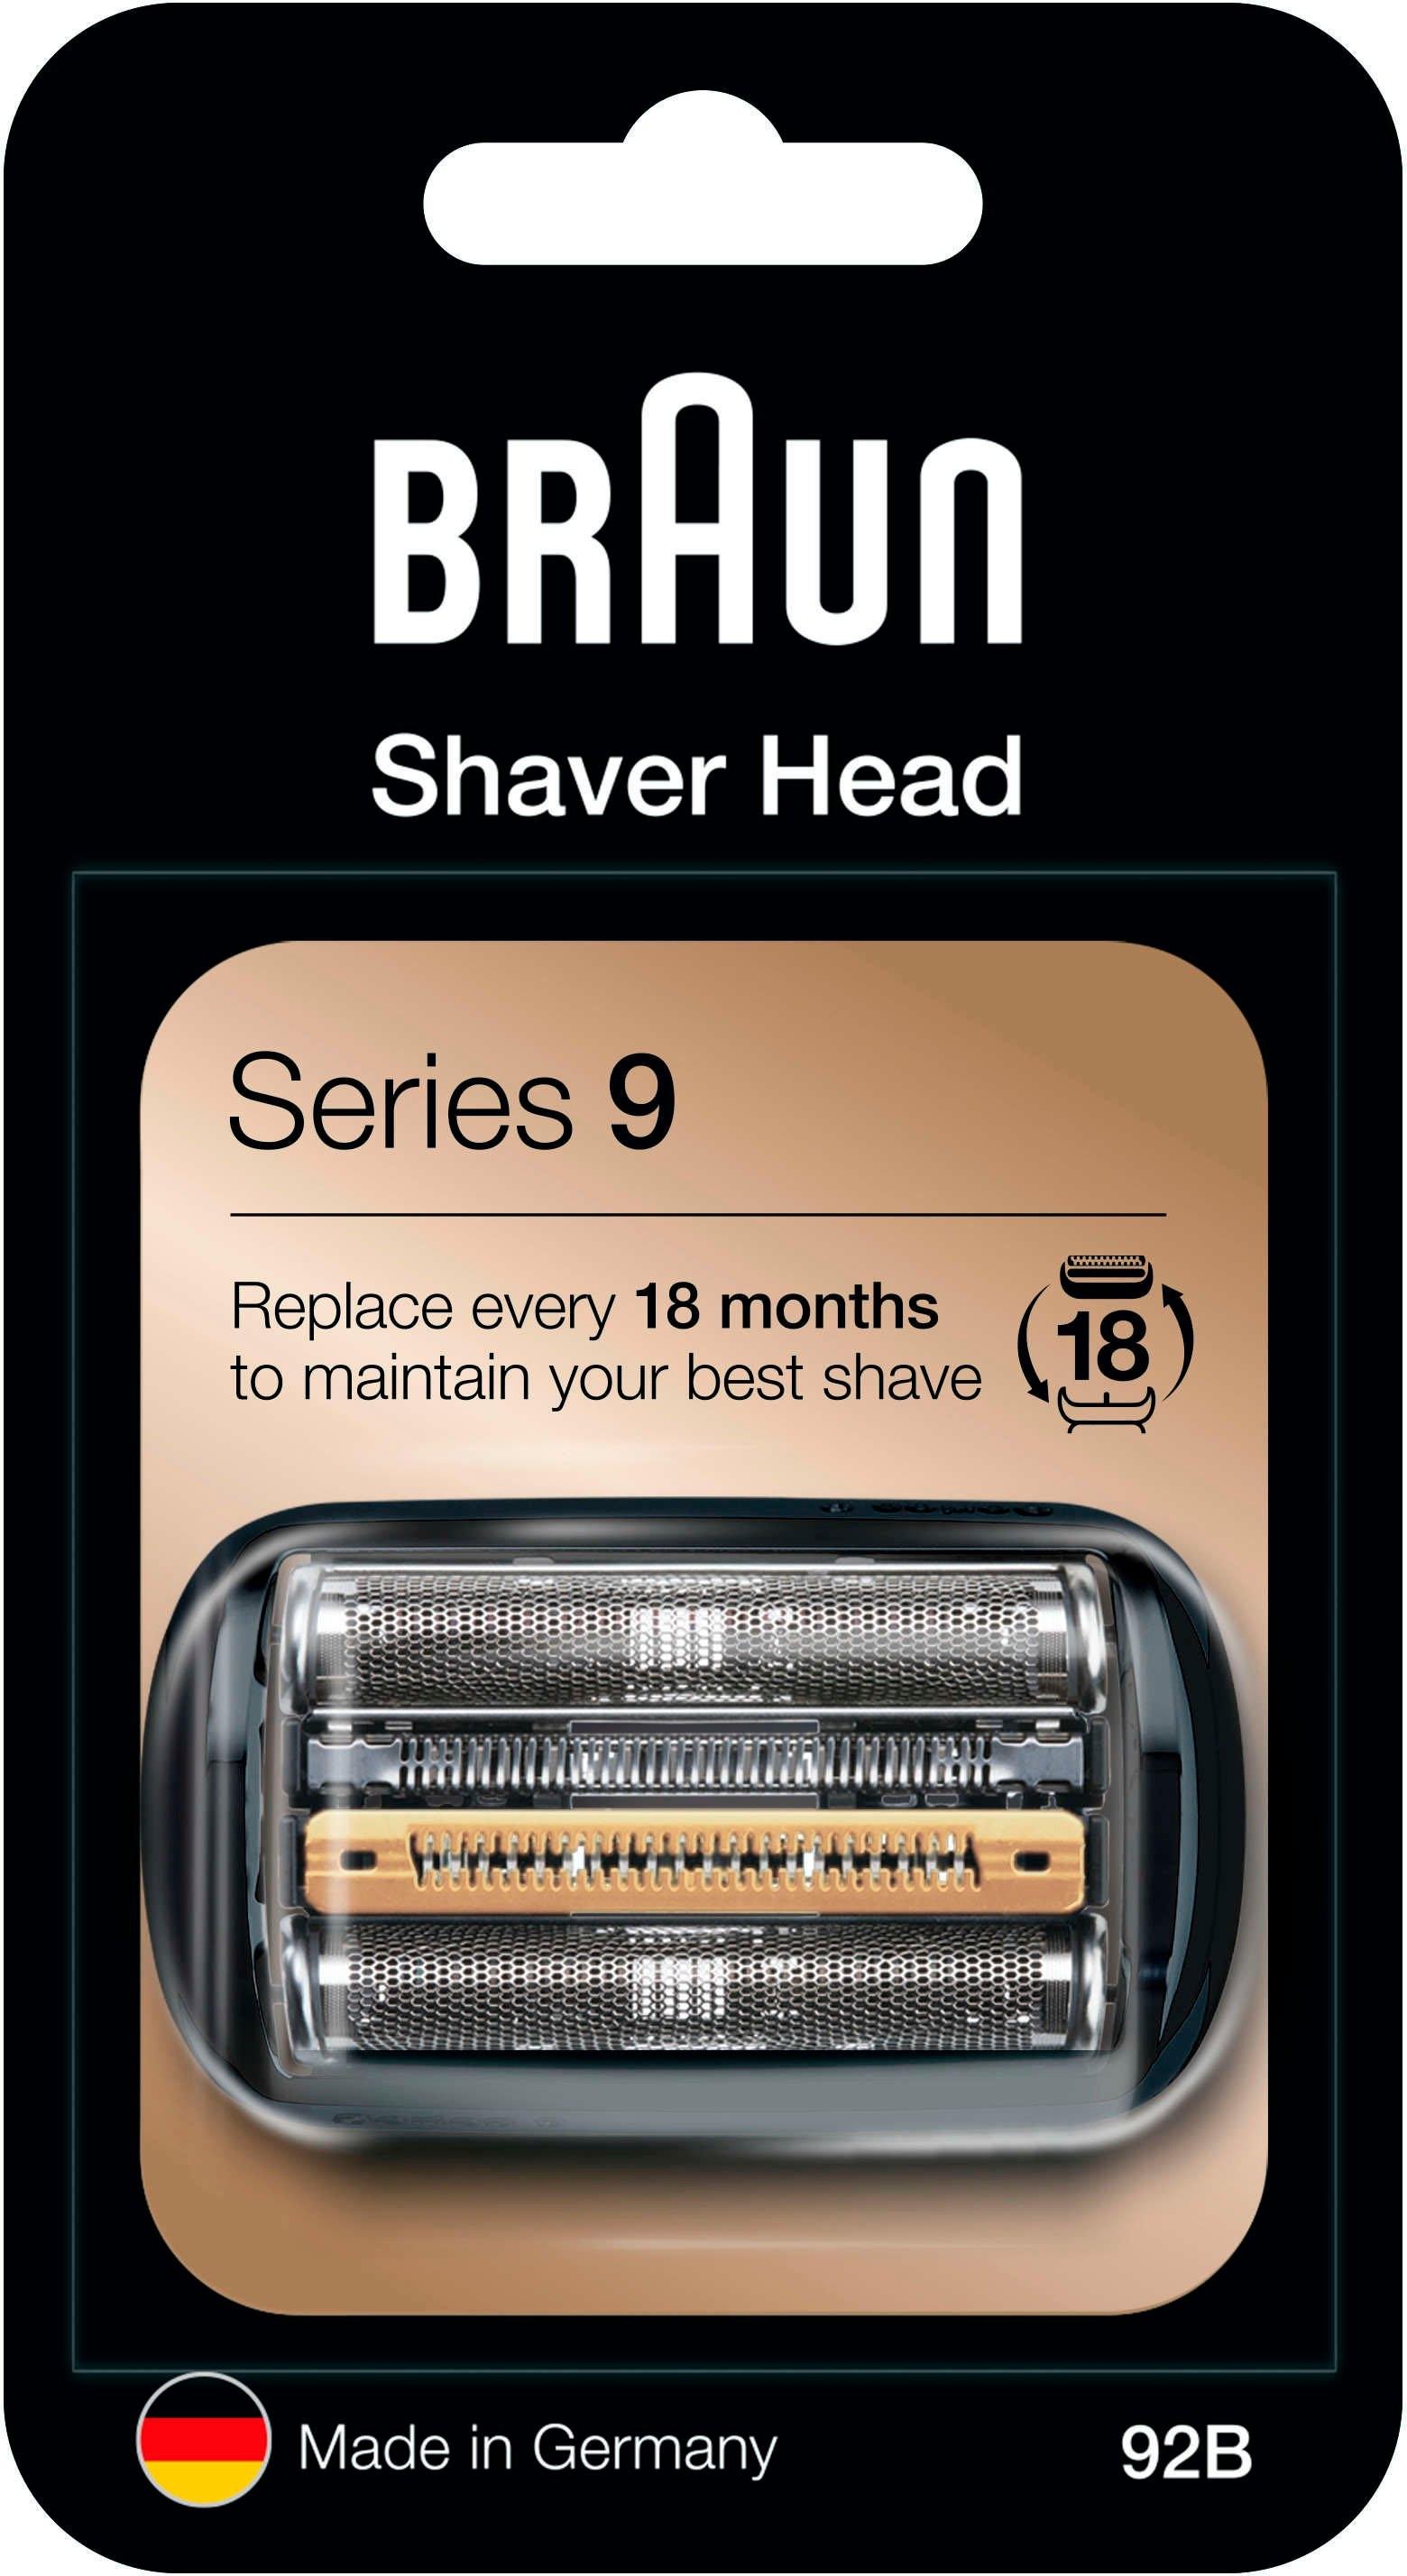 Braun reserveonderdeel 92 B, zwart, compatibel met Series 9 scheerapparaten in de webshop van OTTO kopen